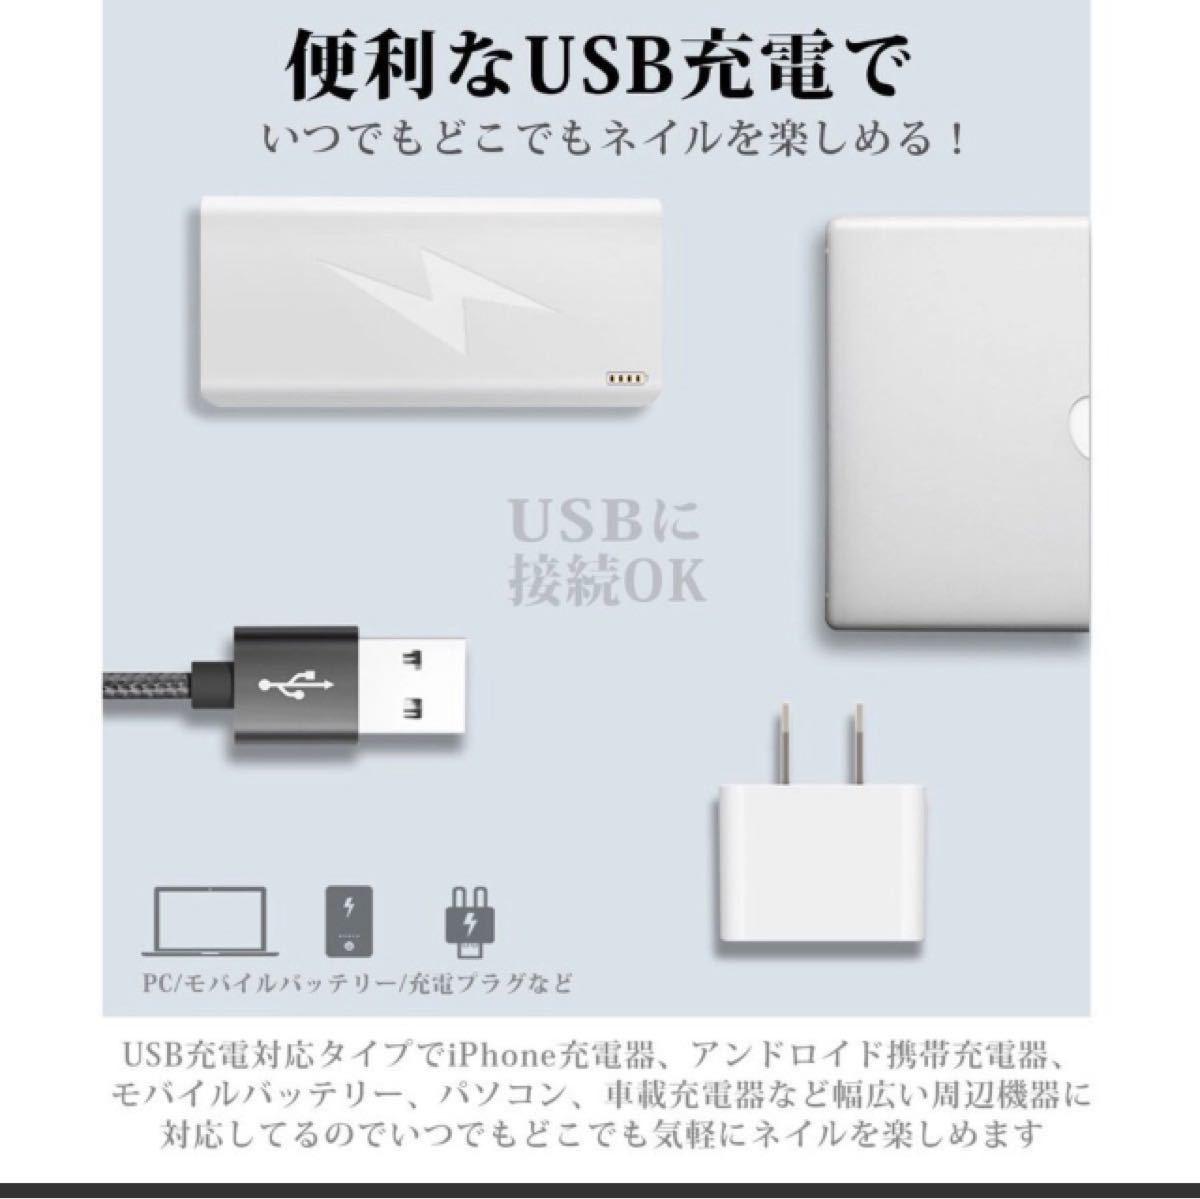 値下げ ジェルネイルライト UV LED プロ用 90w 高速硬化 USB ネイルライト レジン用 UVライト